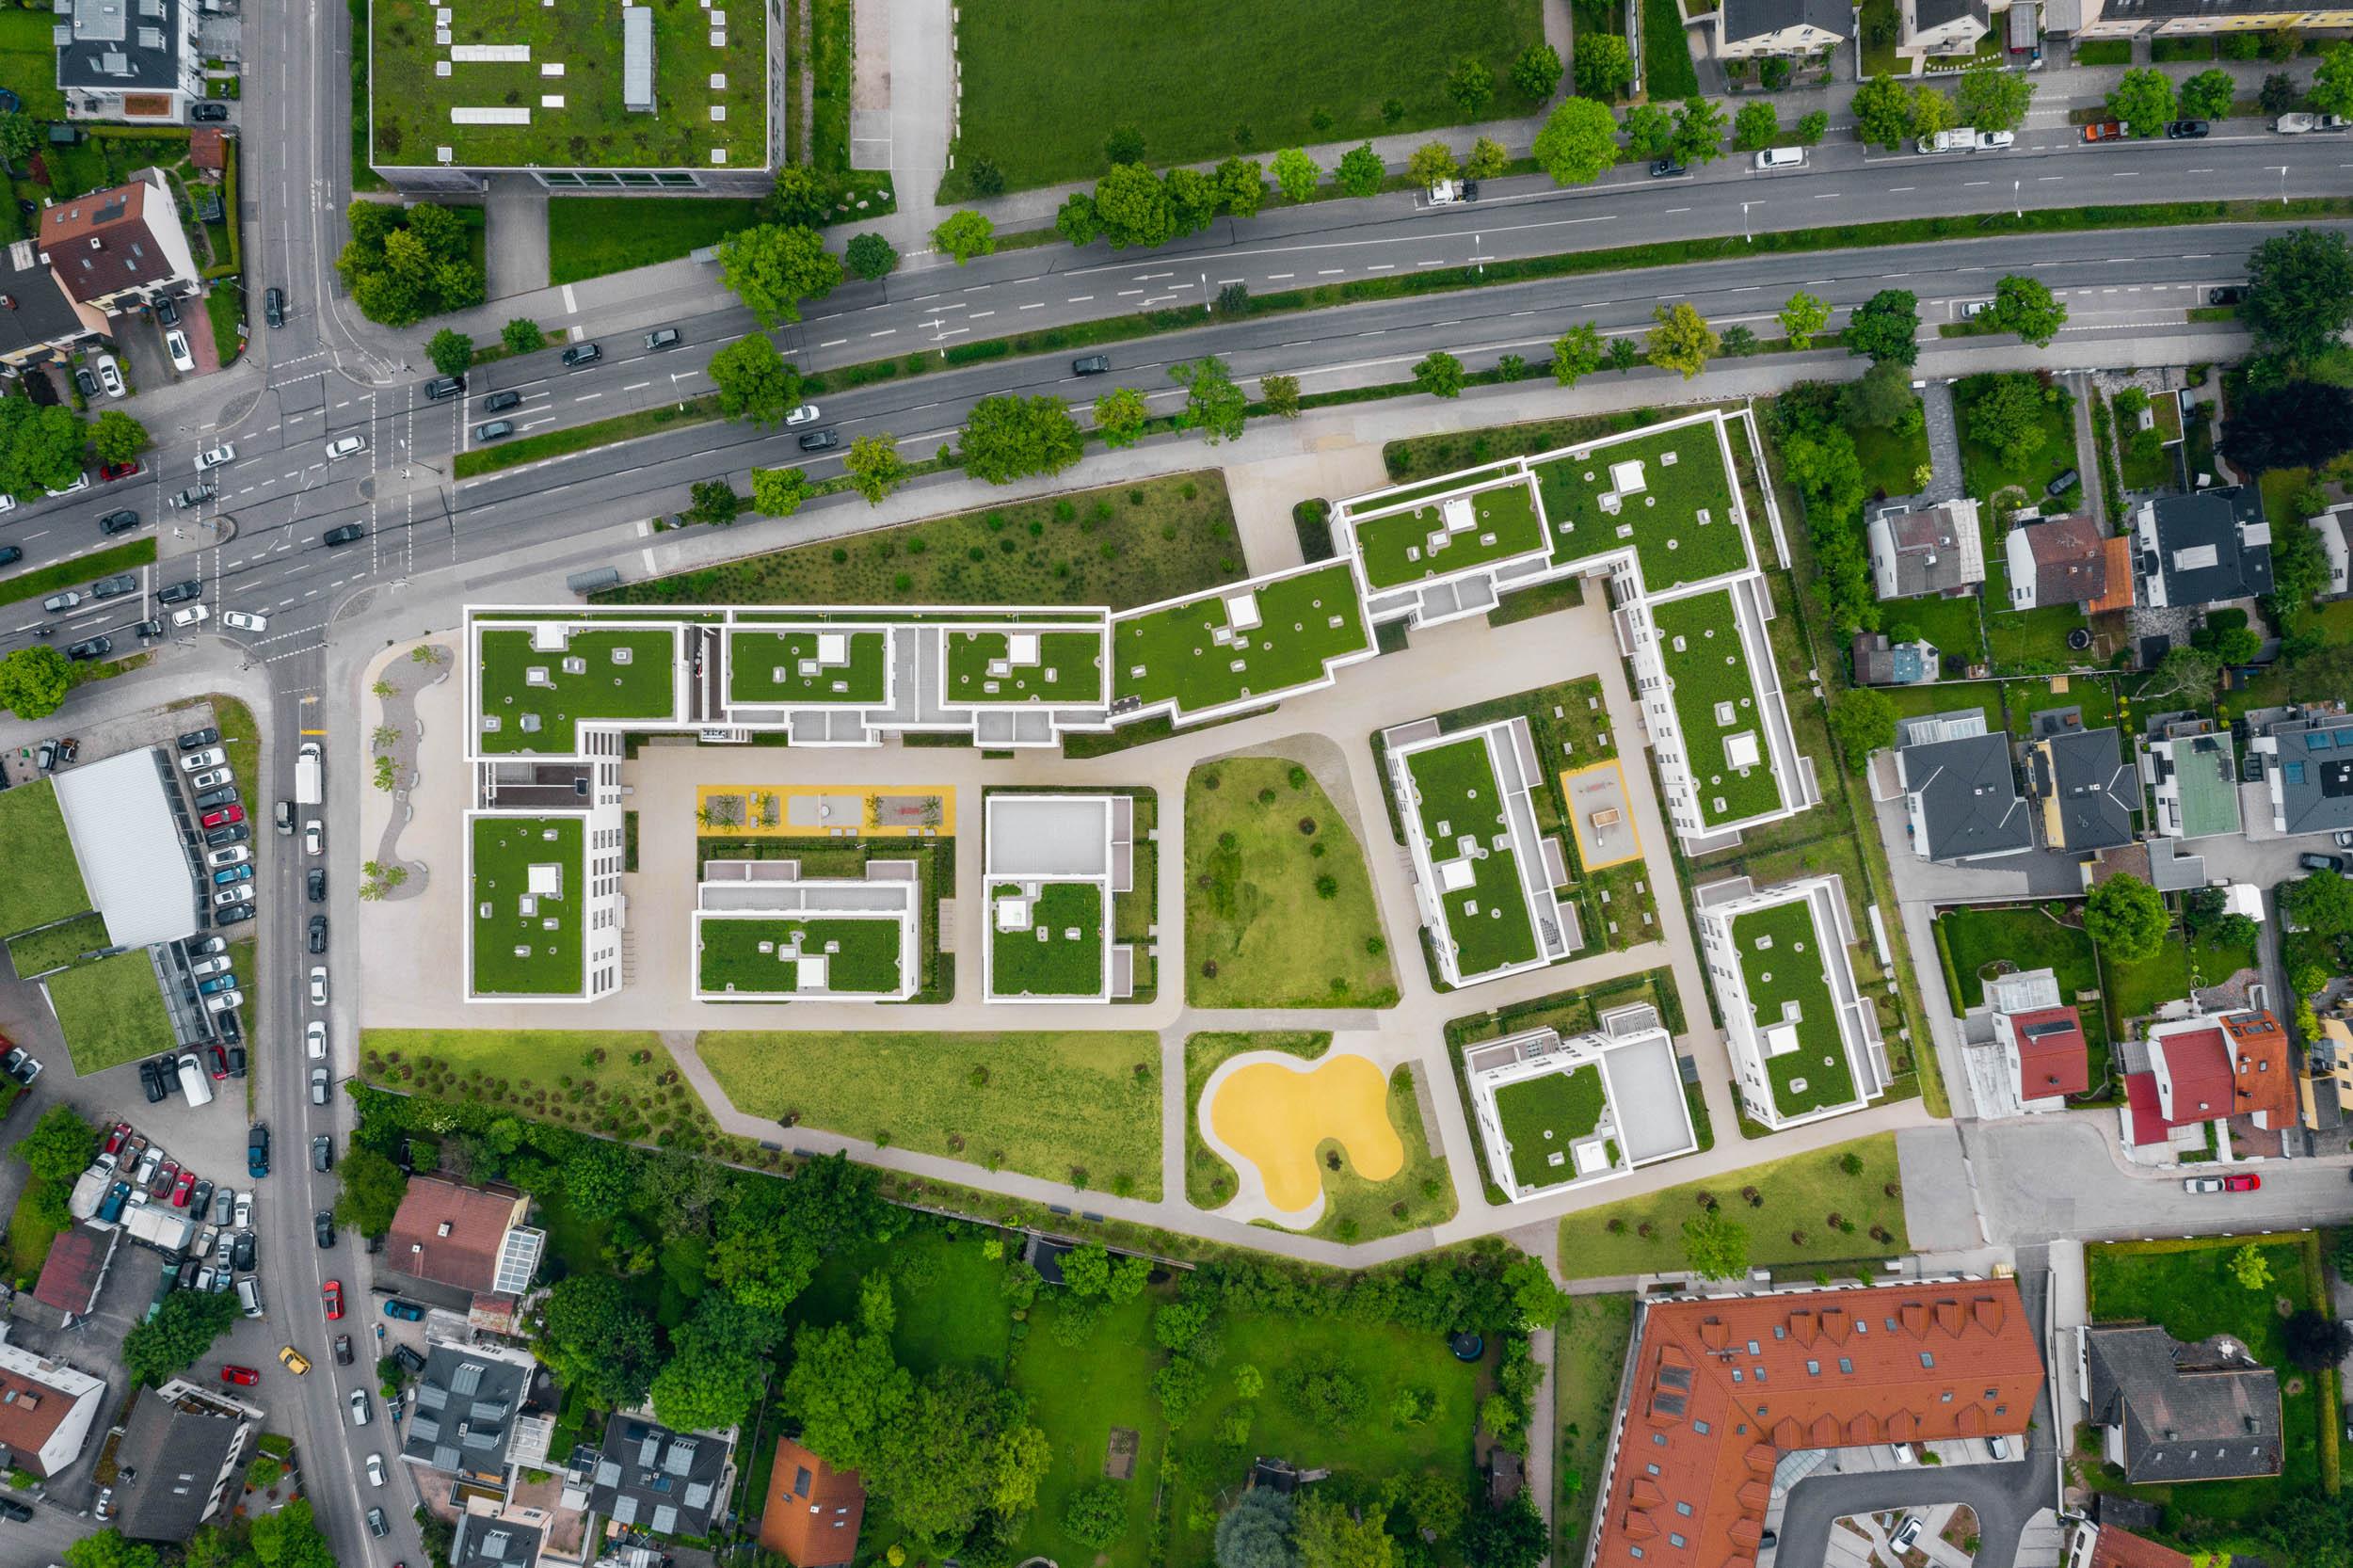 Gustav-Epple-Bauunternehmung-Tru-Living-München-Wohnbau-2020-TruLiving_DJI_0751#00